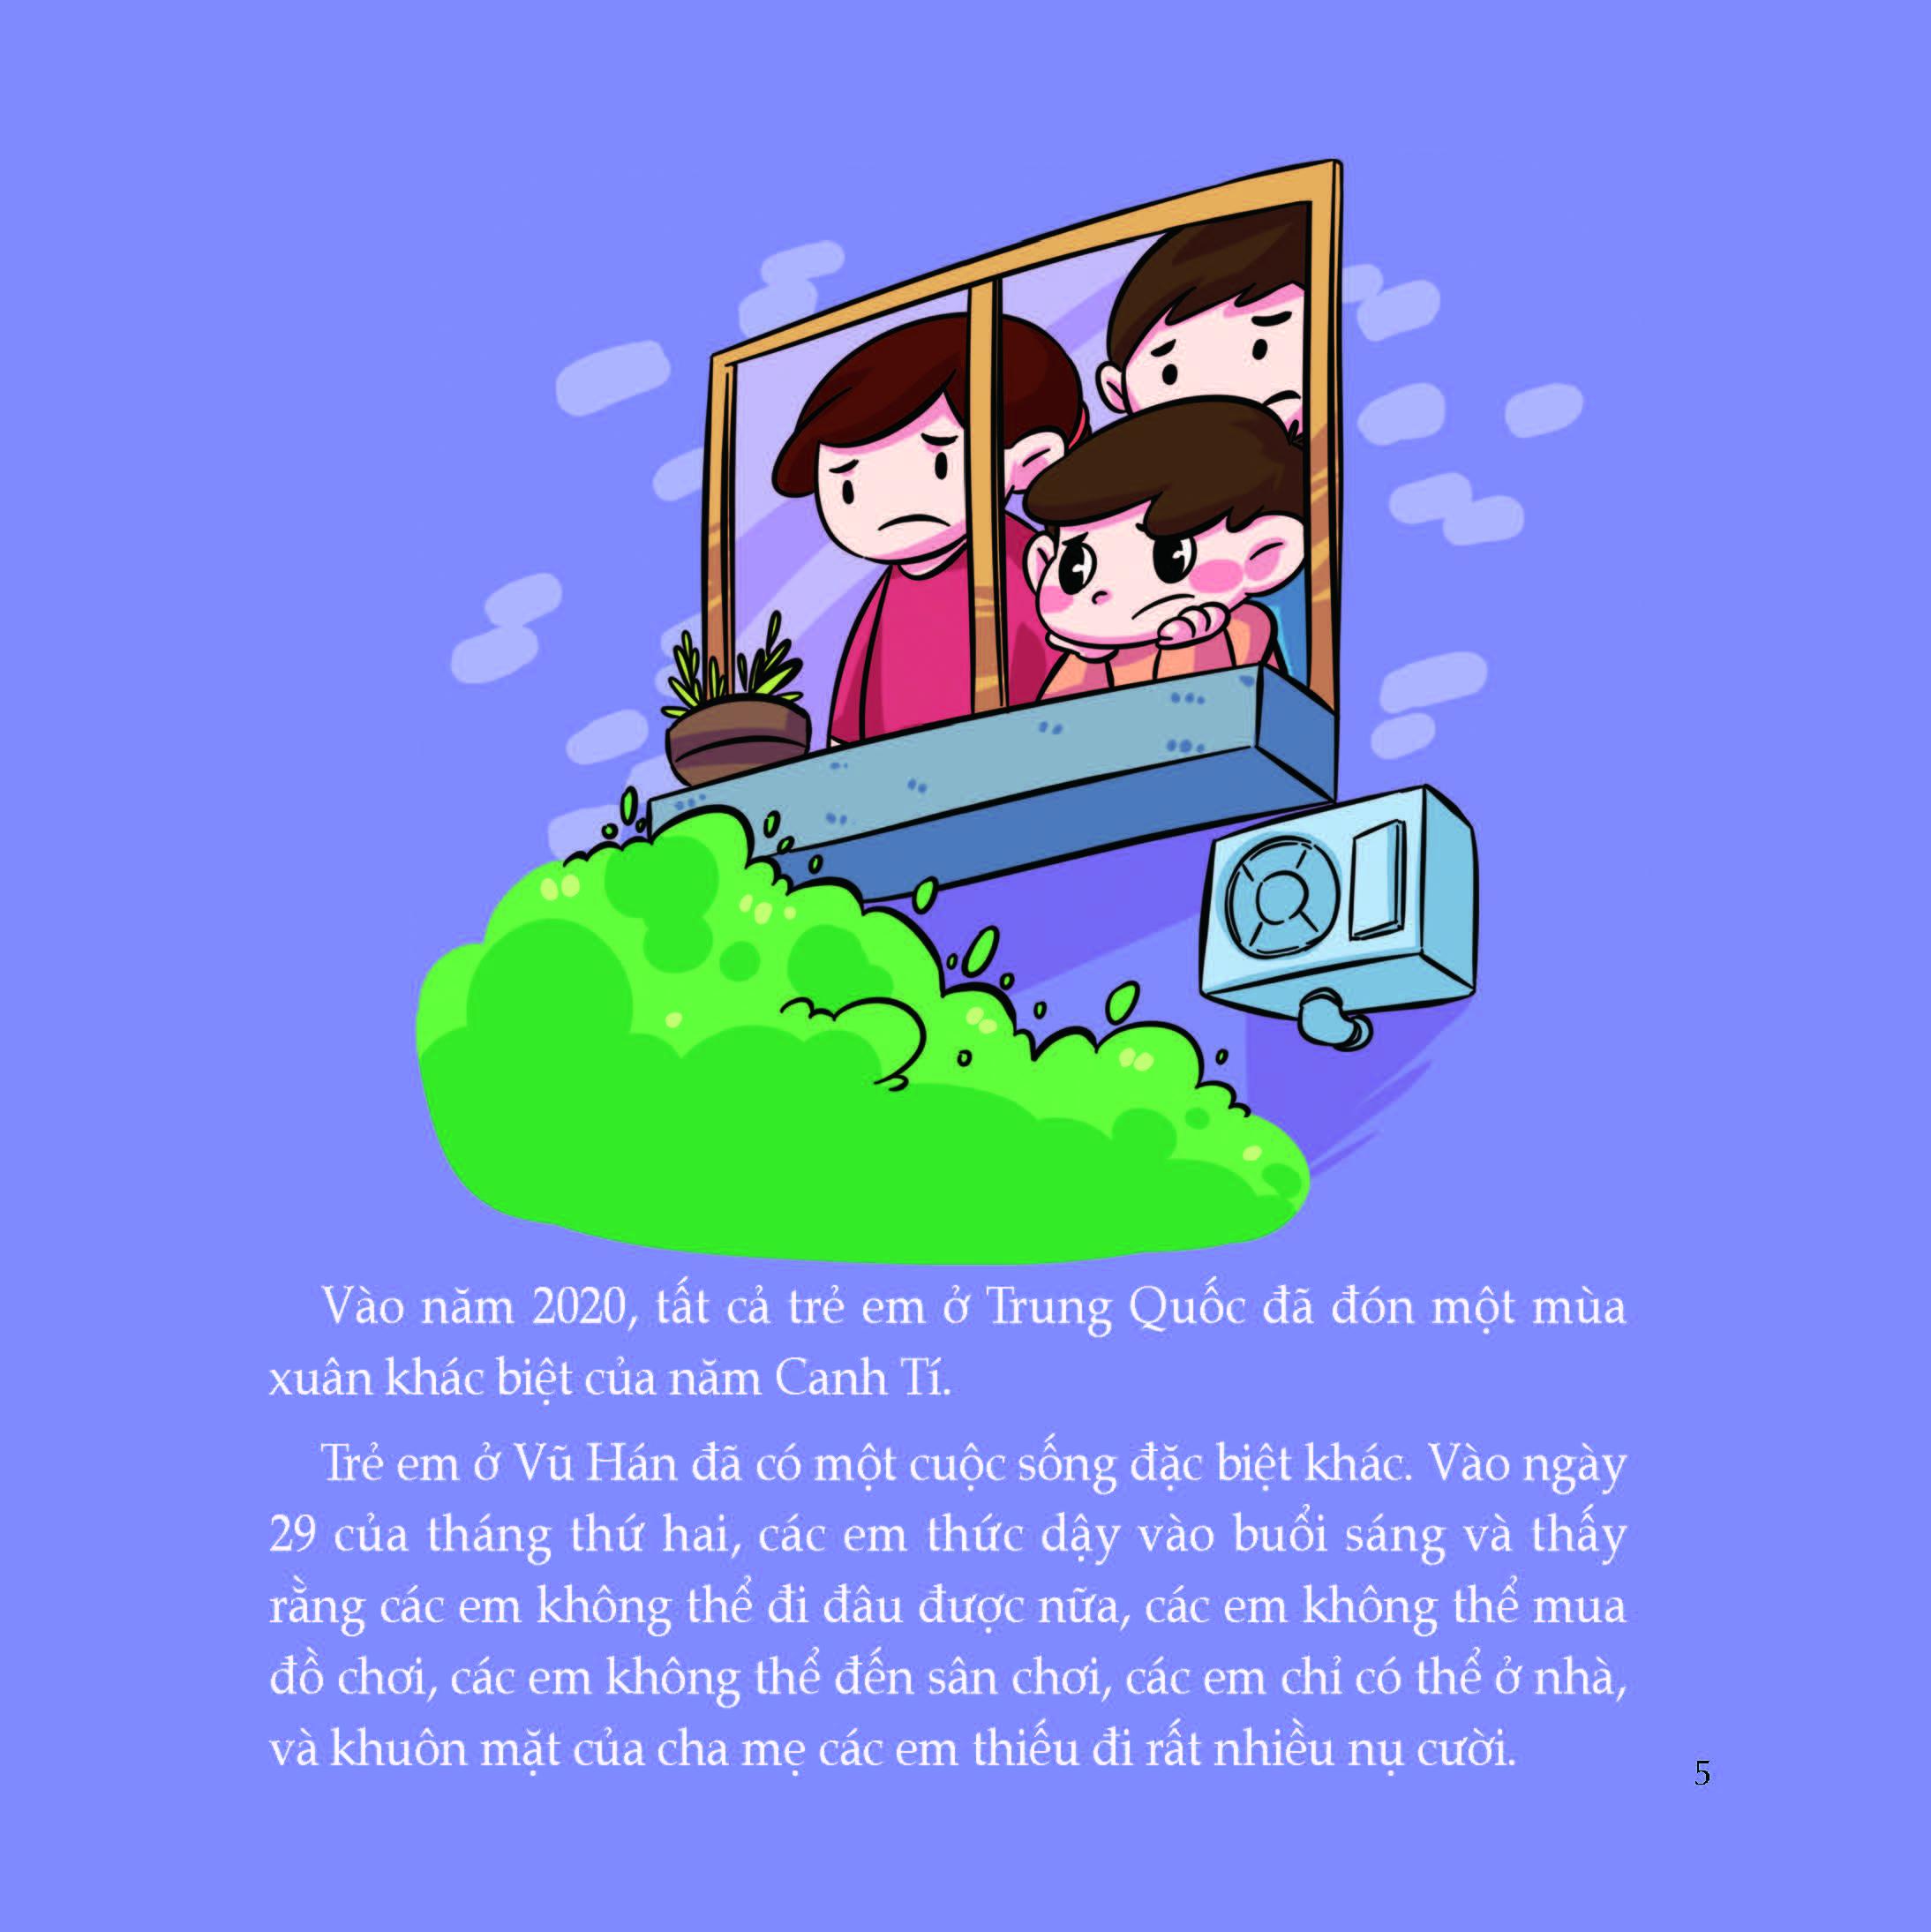 Những Thói Quen Tốt Bảo Vệ Sức Khỏe Trẻ Em Phòng Chống COVID - 19